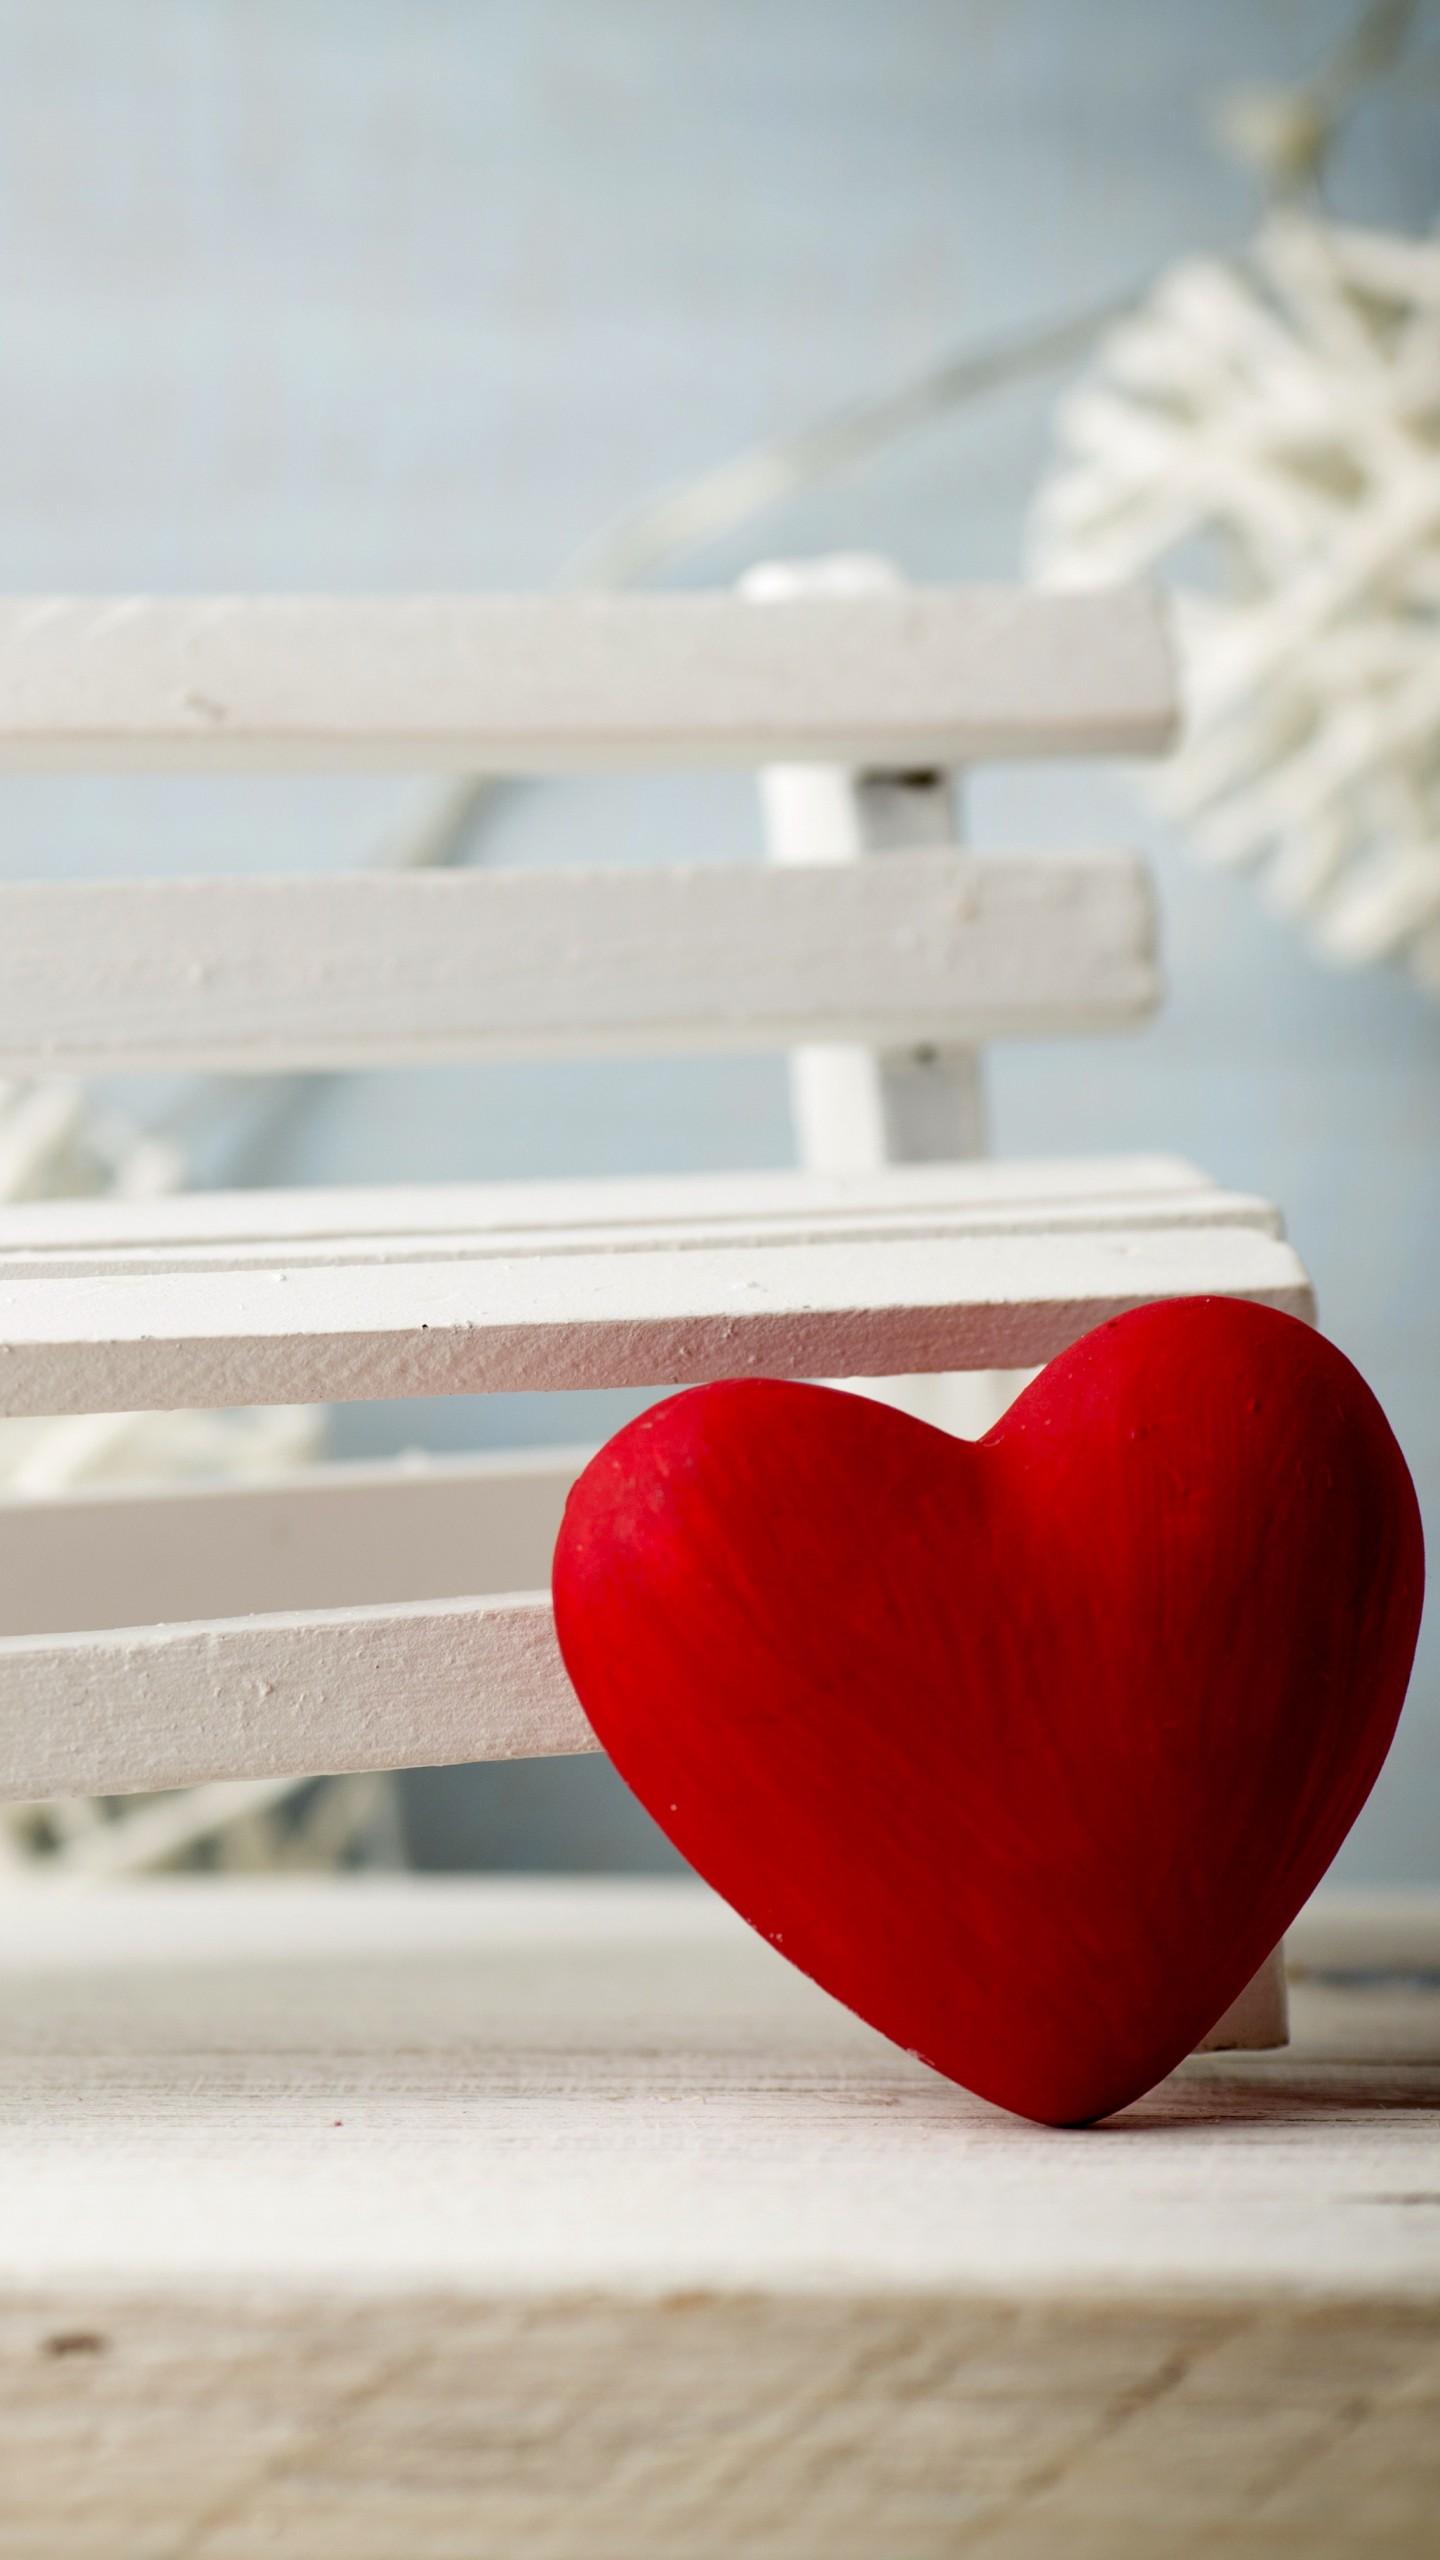 عکس زمینه قلب قرمز در کنار نیمکت سفید پس زمینه